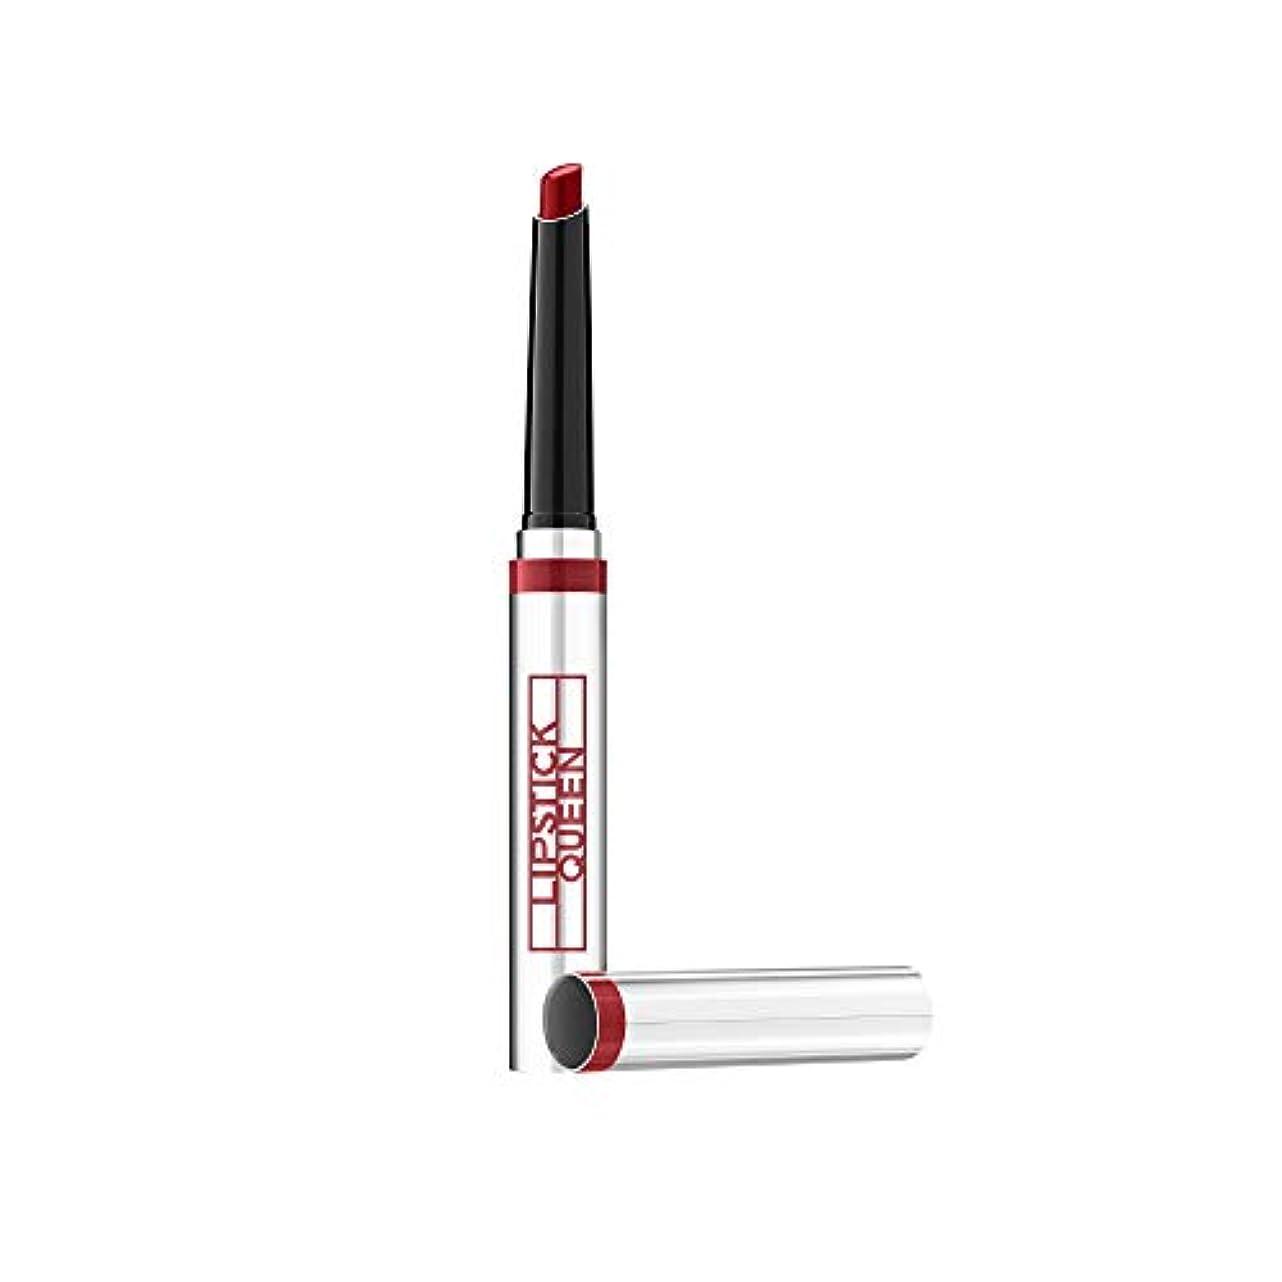 リップスティック クィーン Rear View Mirror Lip Lacquer - # Little Red Convertible (A Classic True Red) 1.3g/0.04oz並行輸入品